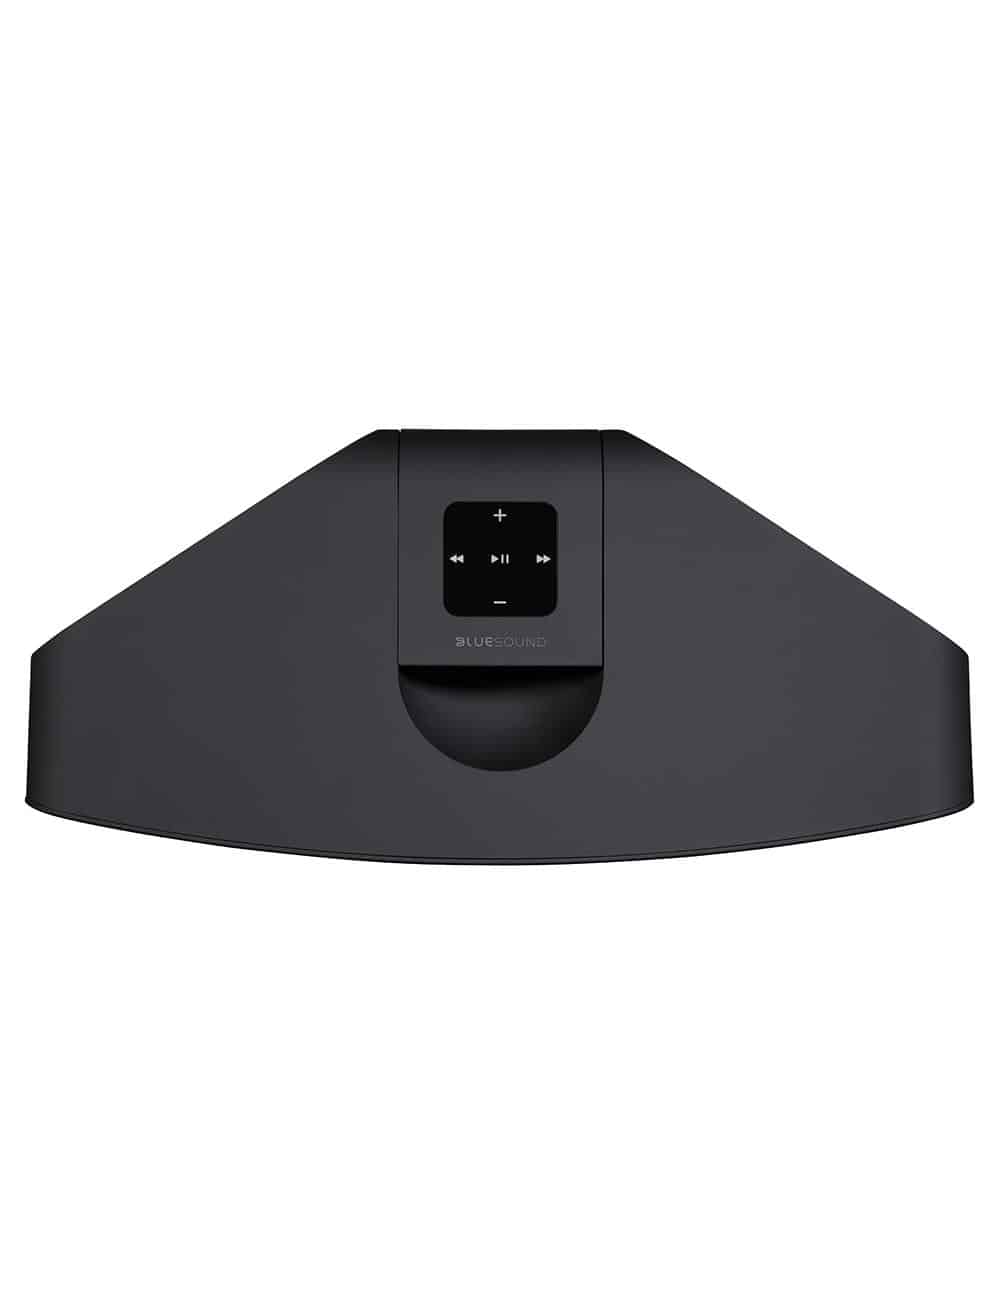 diffusore wireless streaming HiFi, Bluesound Pulse 2i, vista pannello di controllo, finitura nero